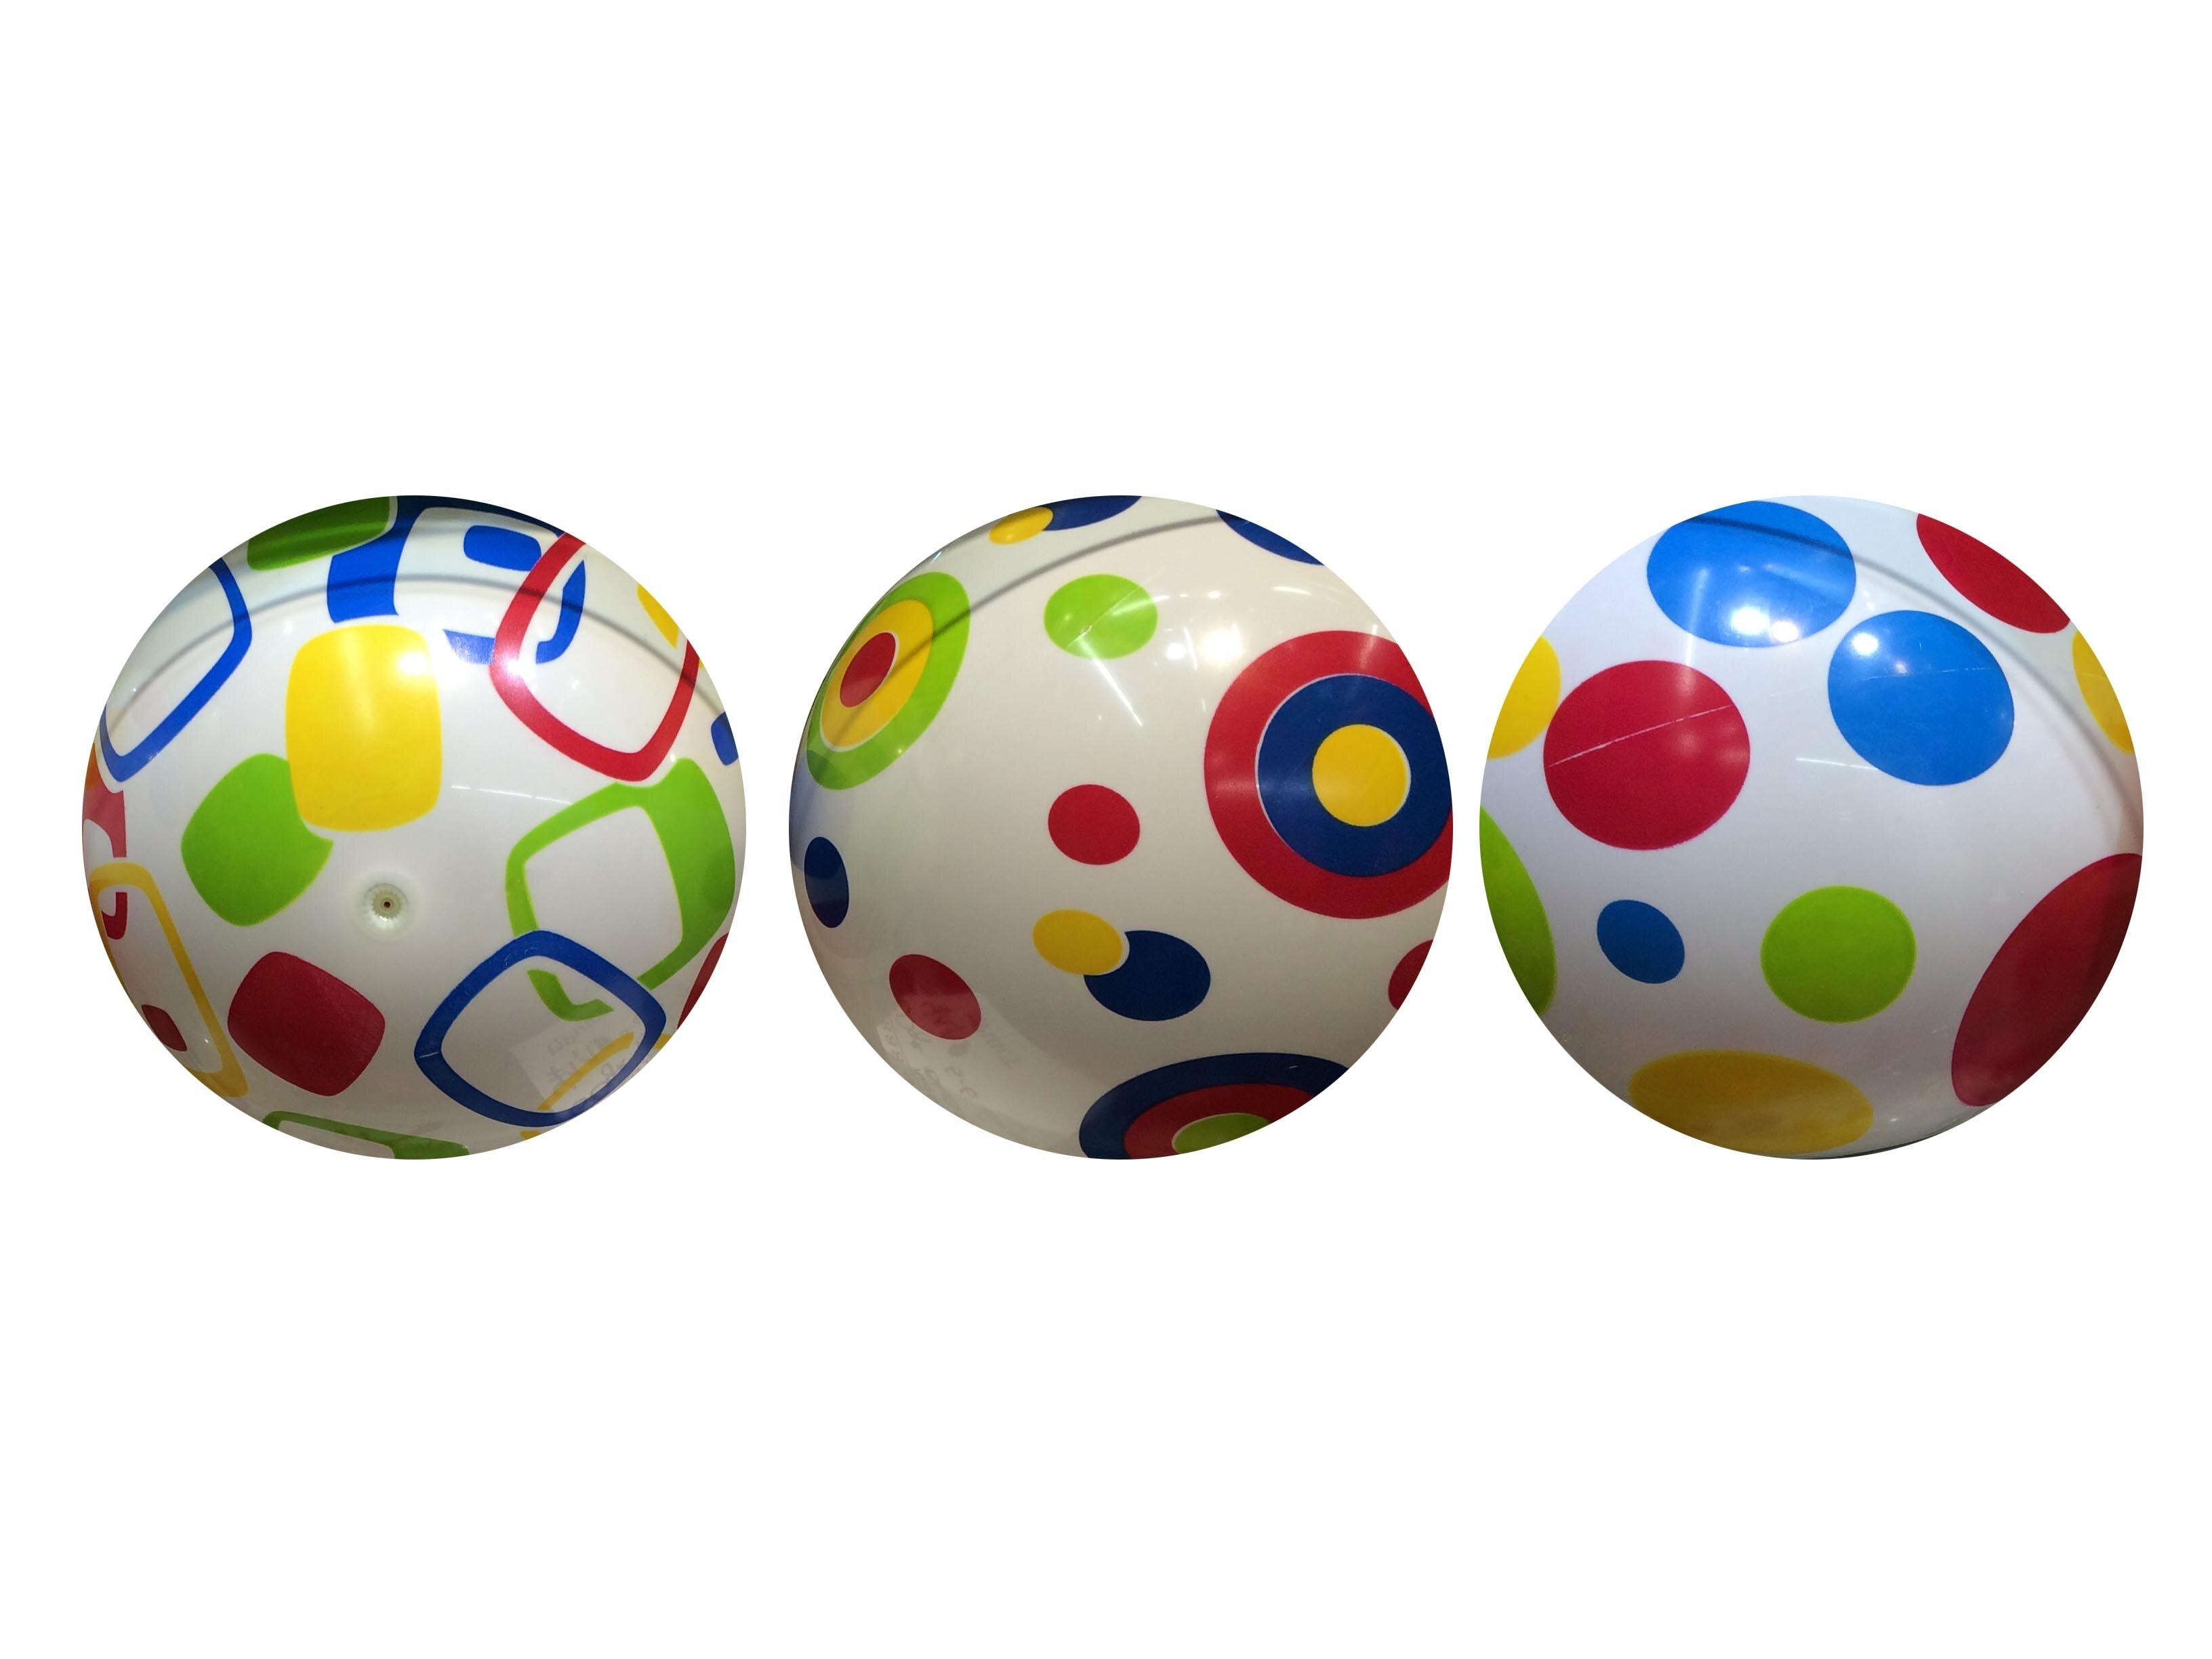 Картинки с изображением мяча для детей